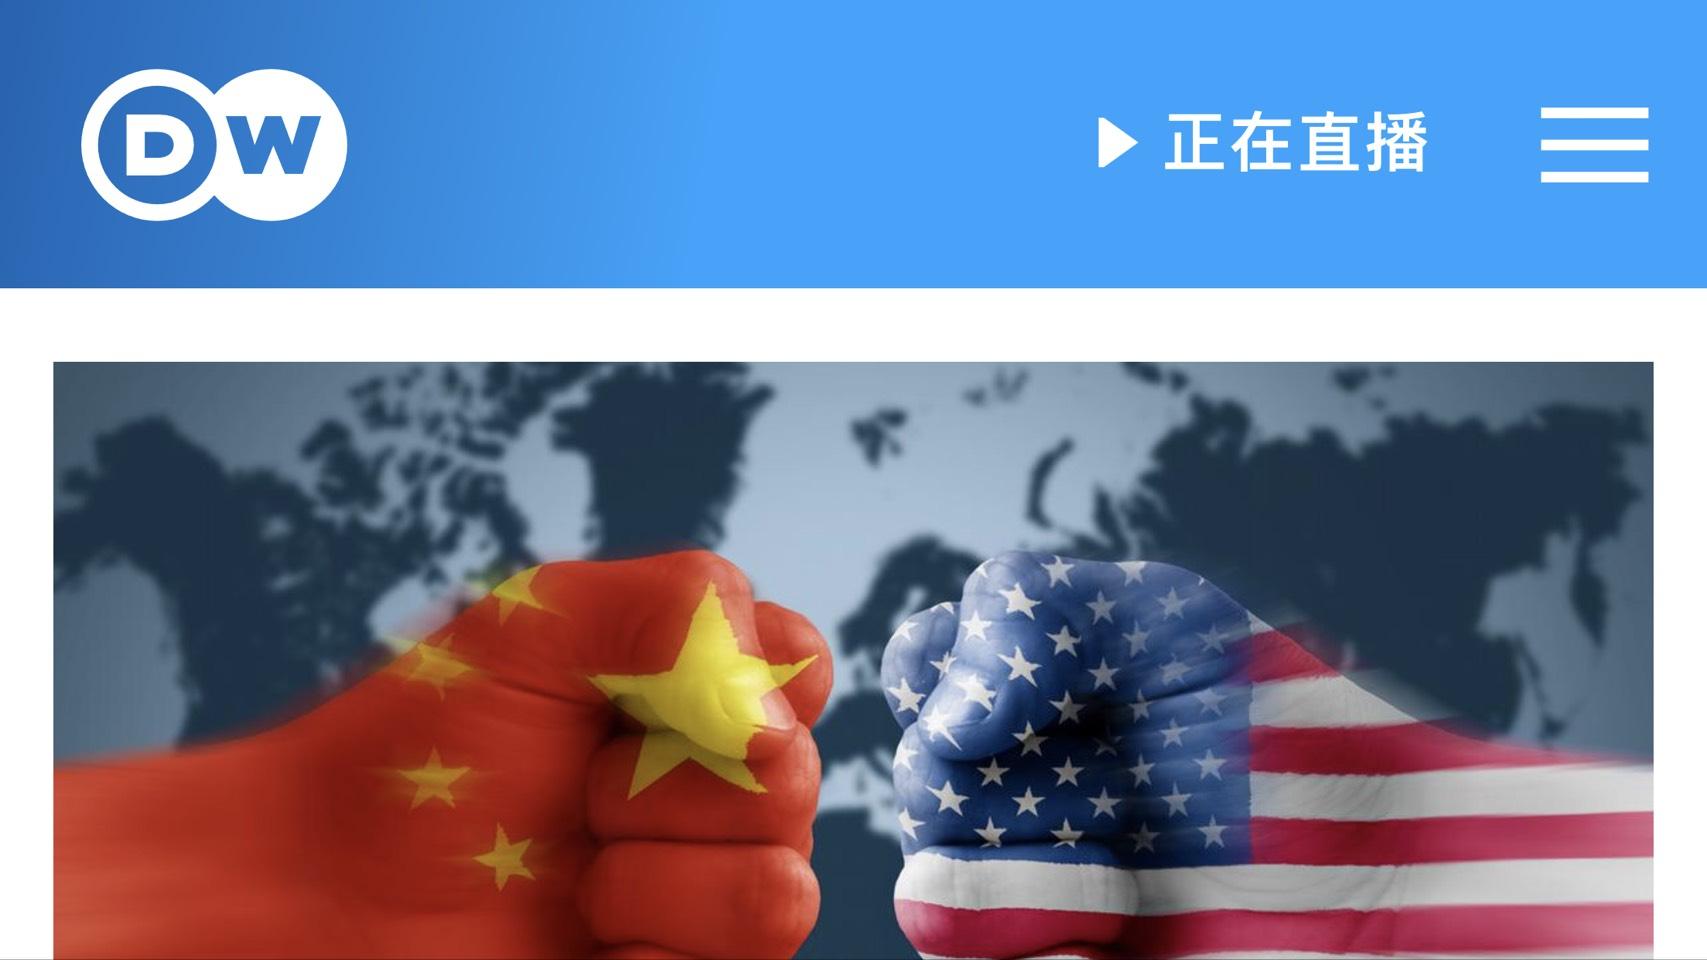 德國「失聲」誰之過?中華電信 台互各說各話 誰說的才是真話